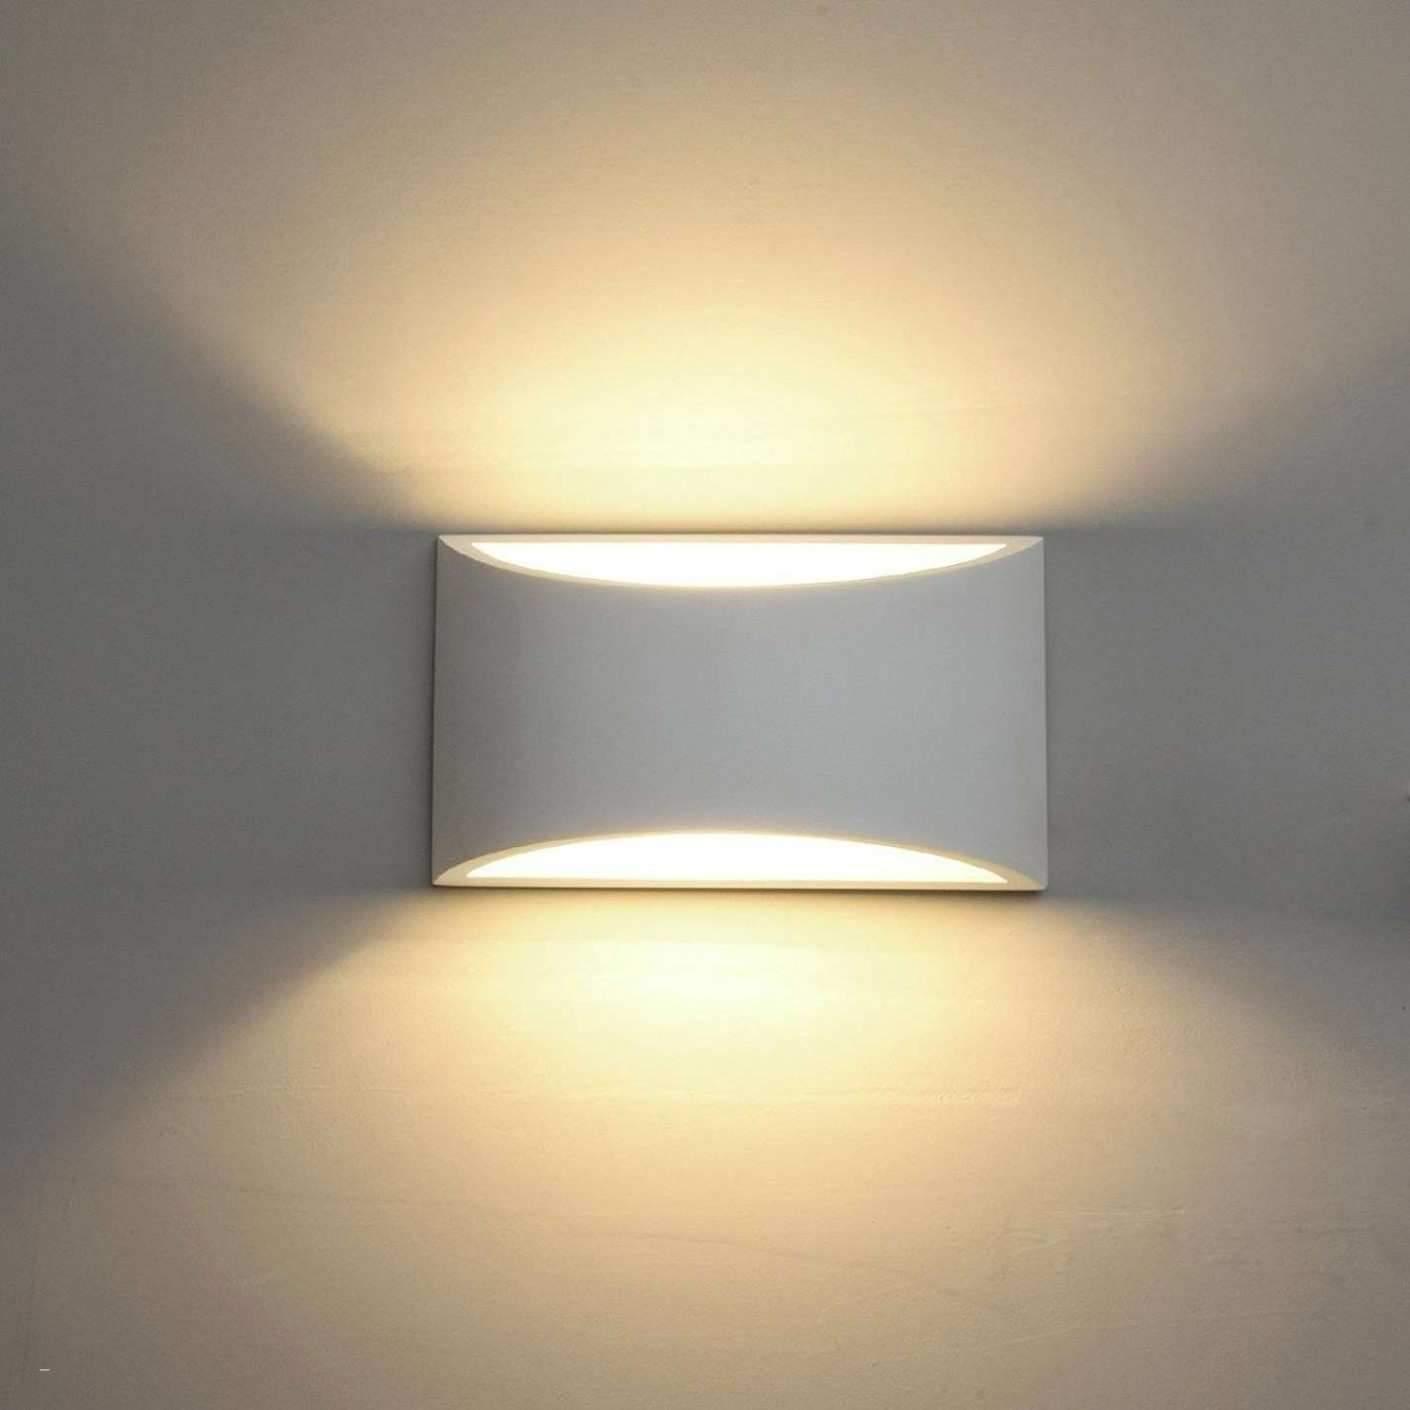 Full Size of Deckenleuchten Led Wohnzimmer Einzigartig Lampen Das Schlafzimmer Schränke Komplett Poco Rauch Kommode Deckenleuchte Küche Deckenlampen Modern Weiss Teppich Wohnzimmer Schlafzimmer Lampen